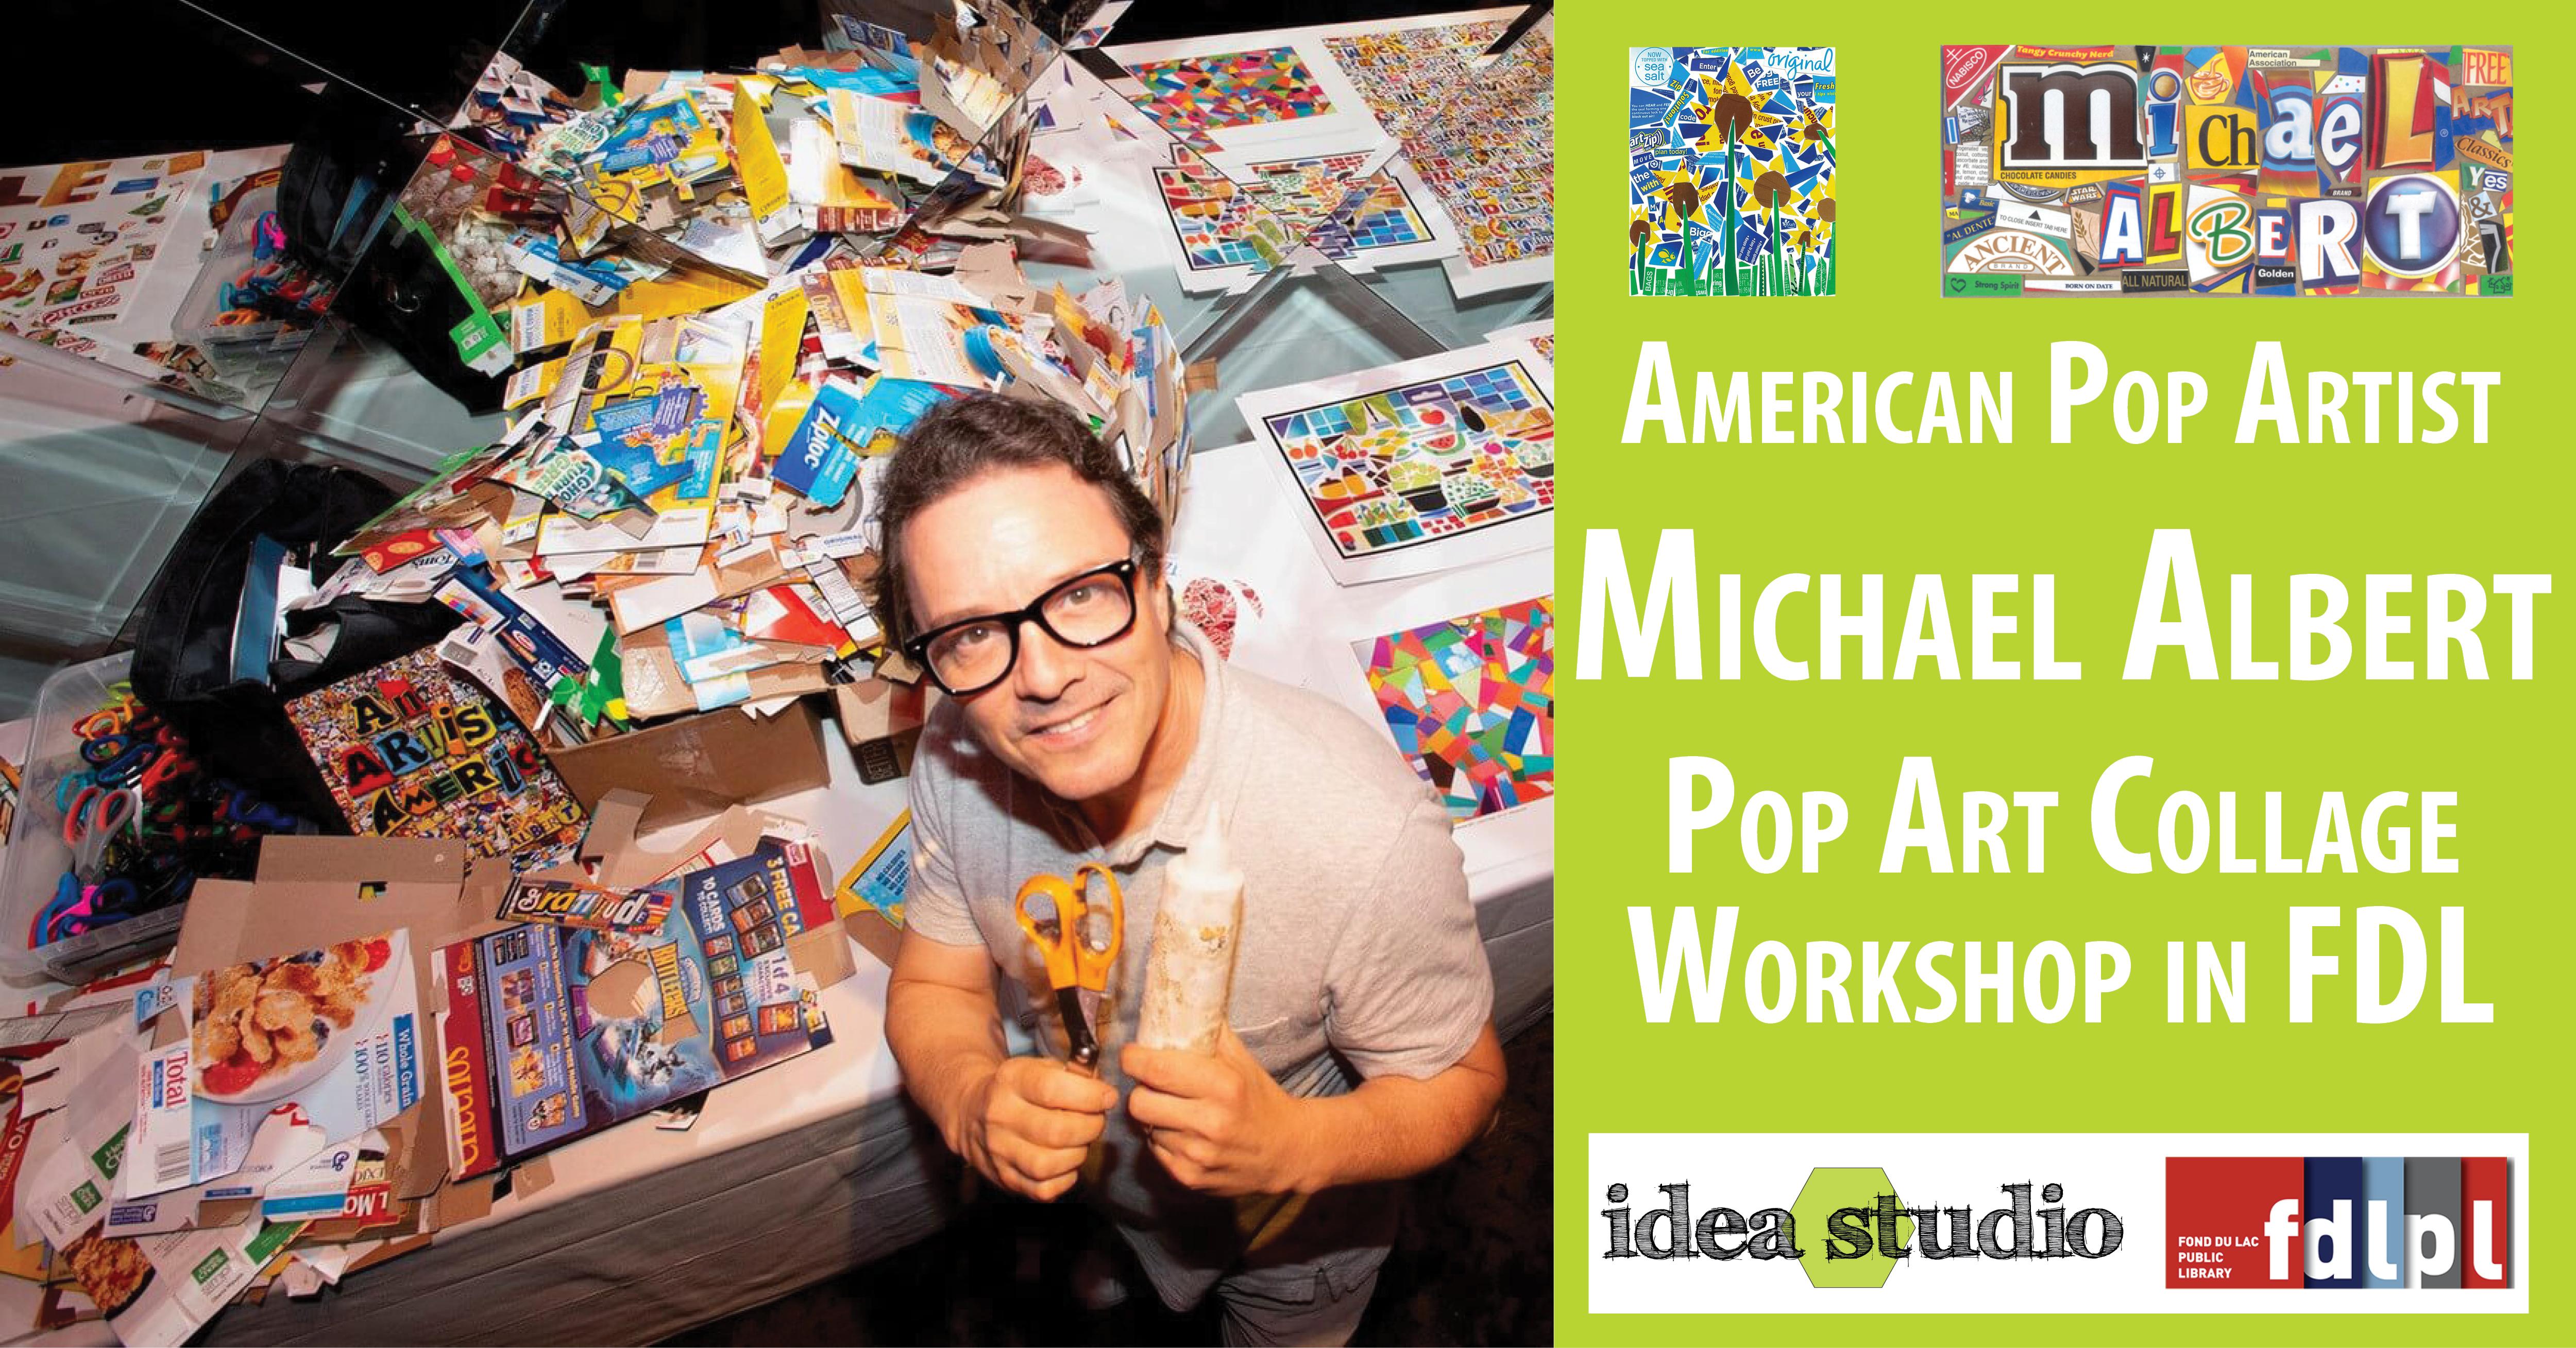 Meet author & pop artist Michael Albert June 16-17